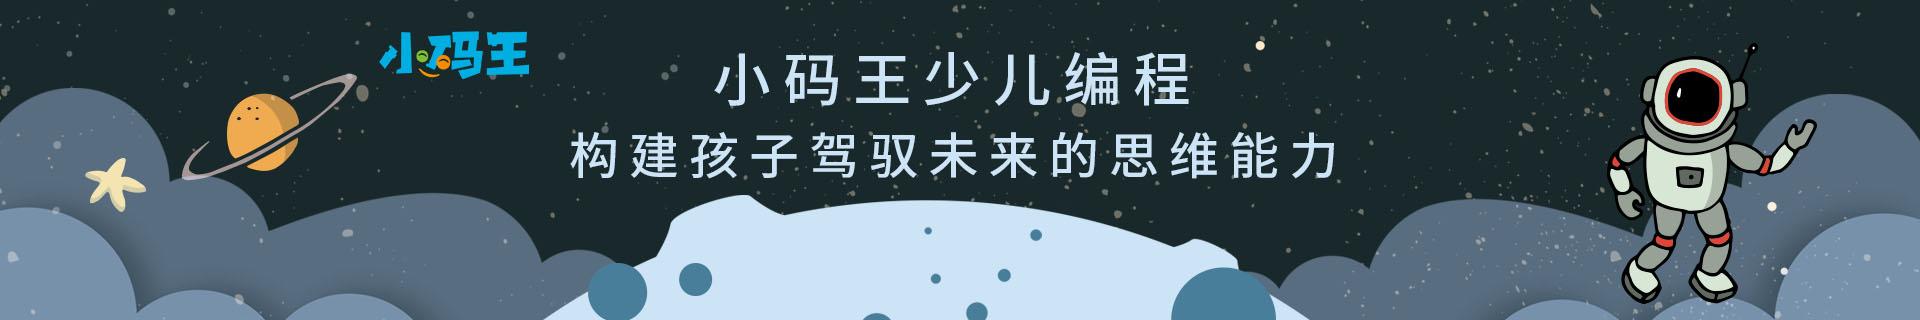 广州荔湾财富大厦小码王编程培训机构